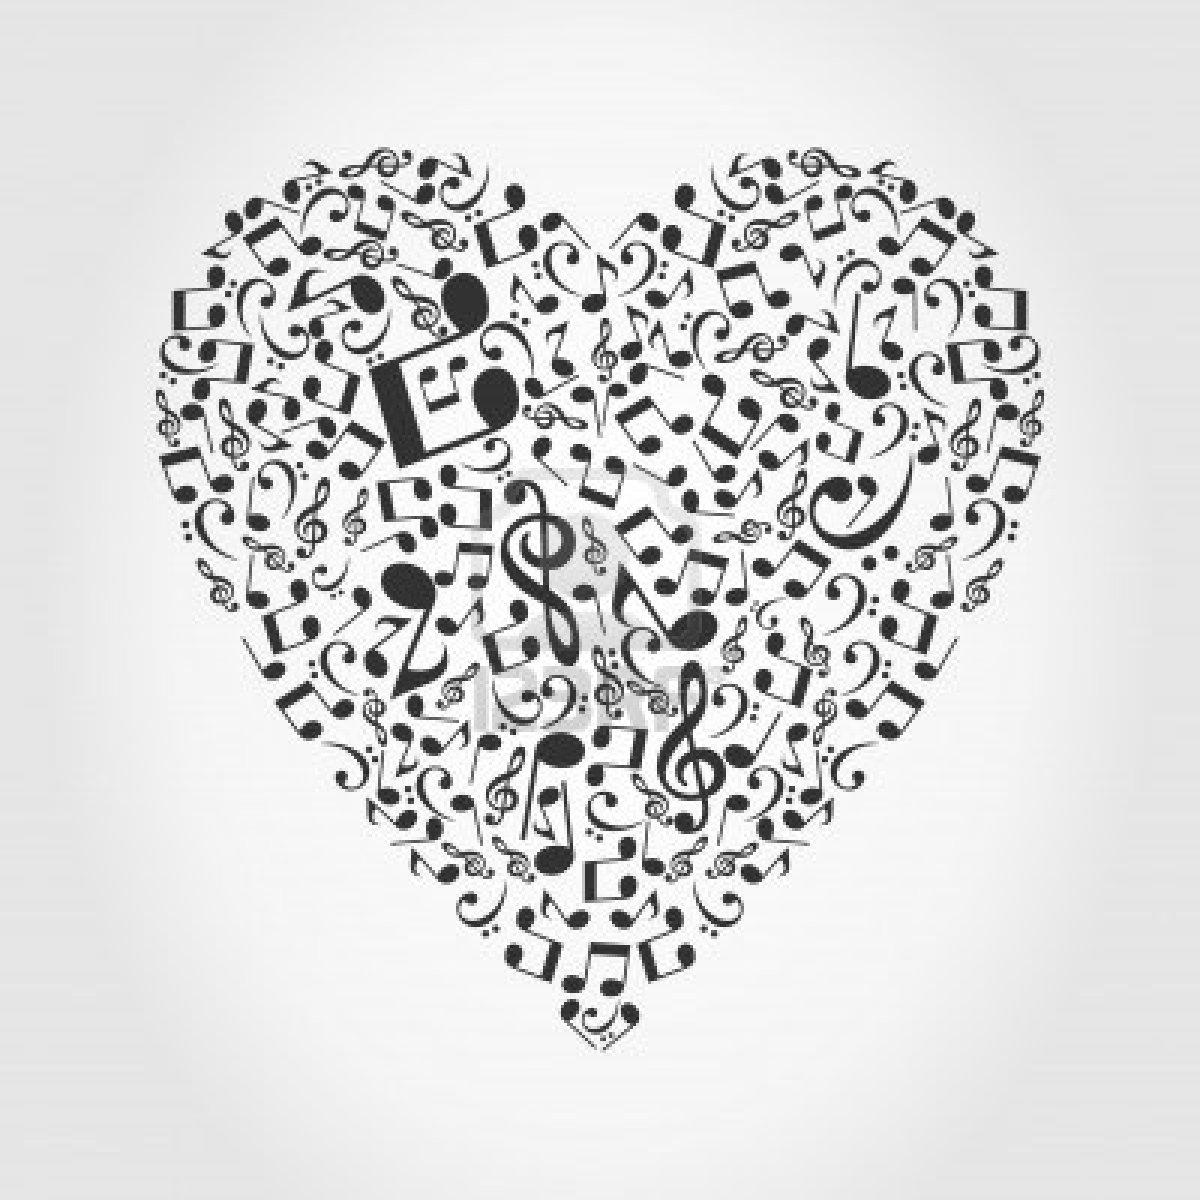 cadenciosa nota de cualquier bella melodía es capaz de arrancar de